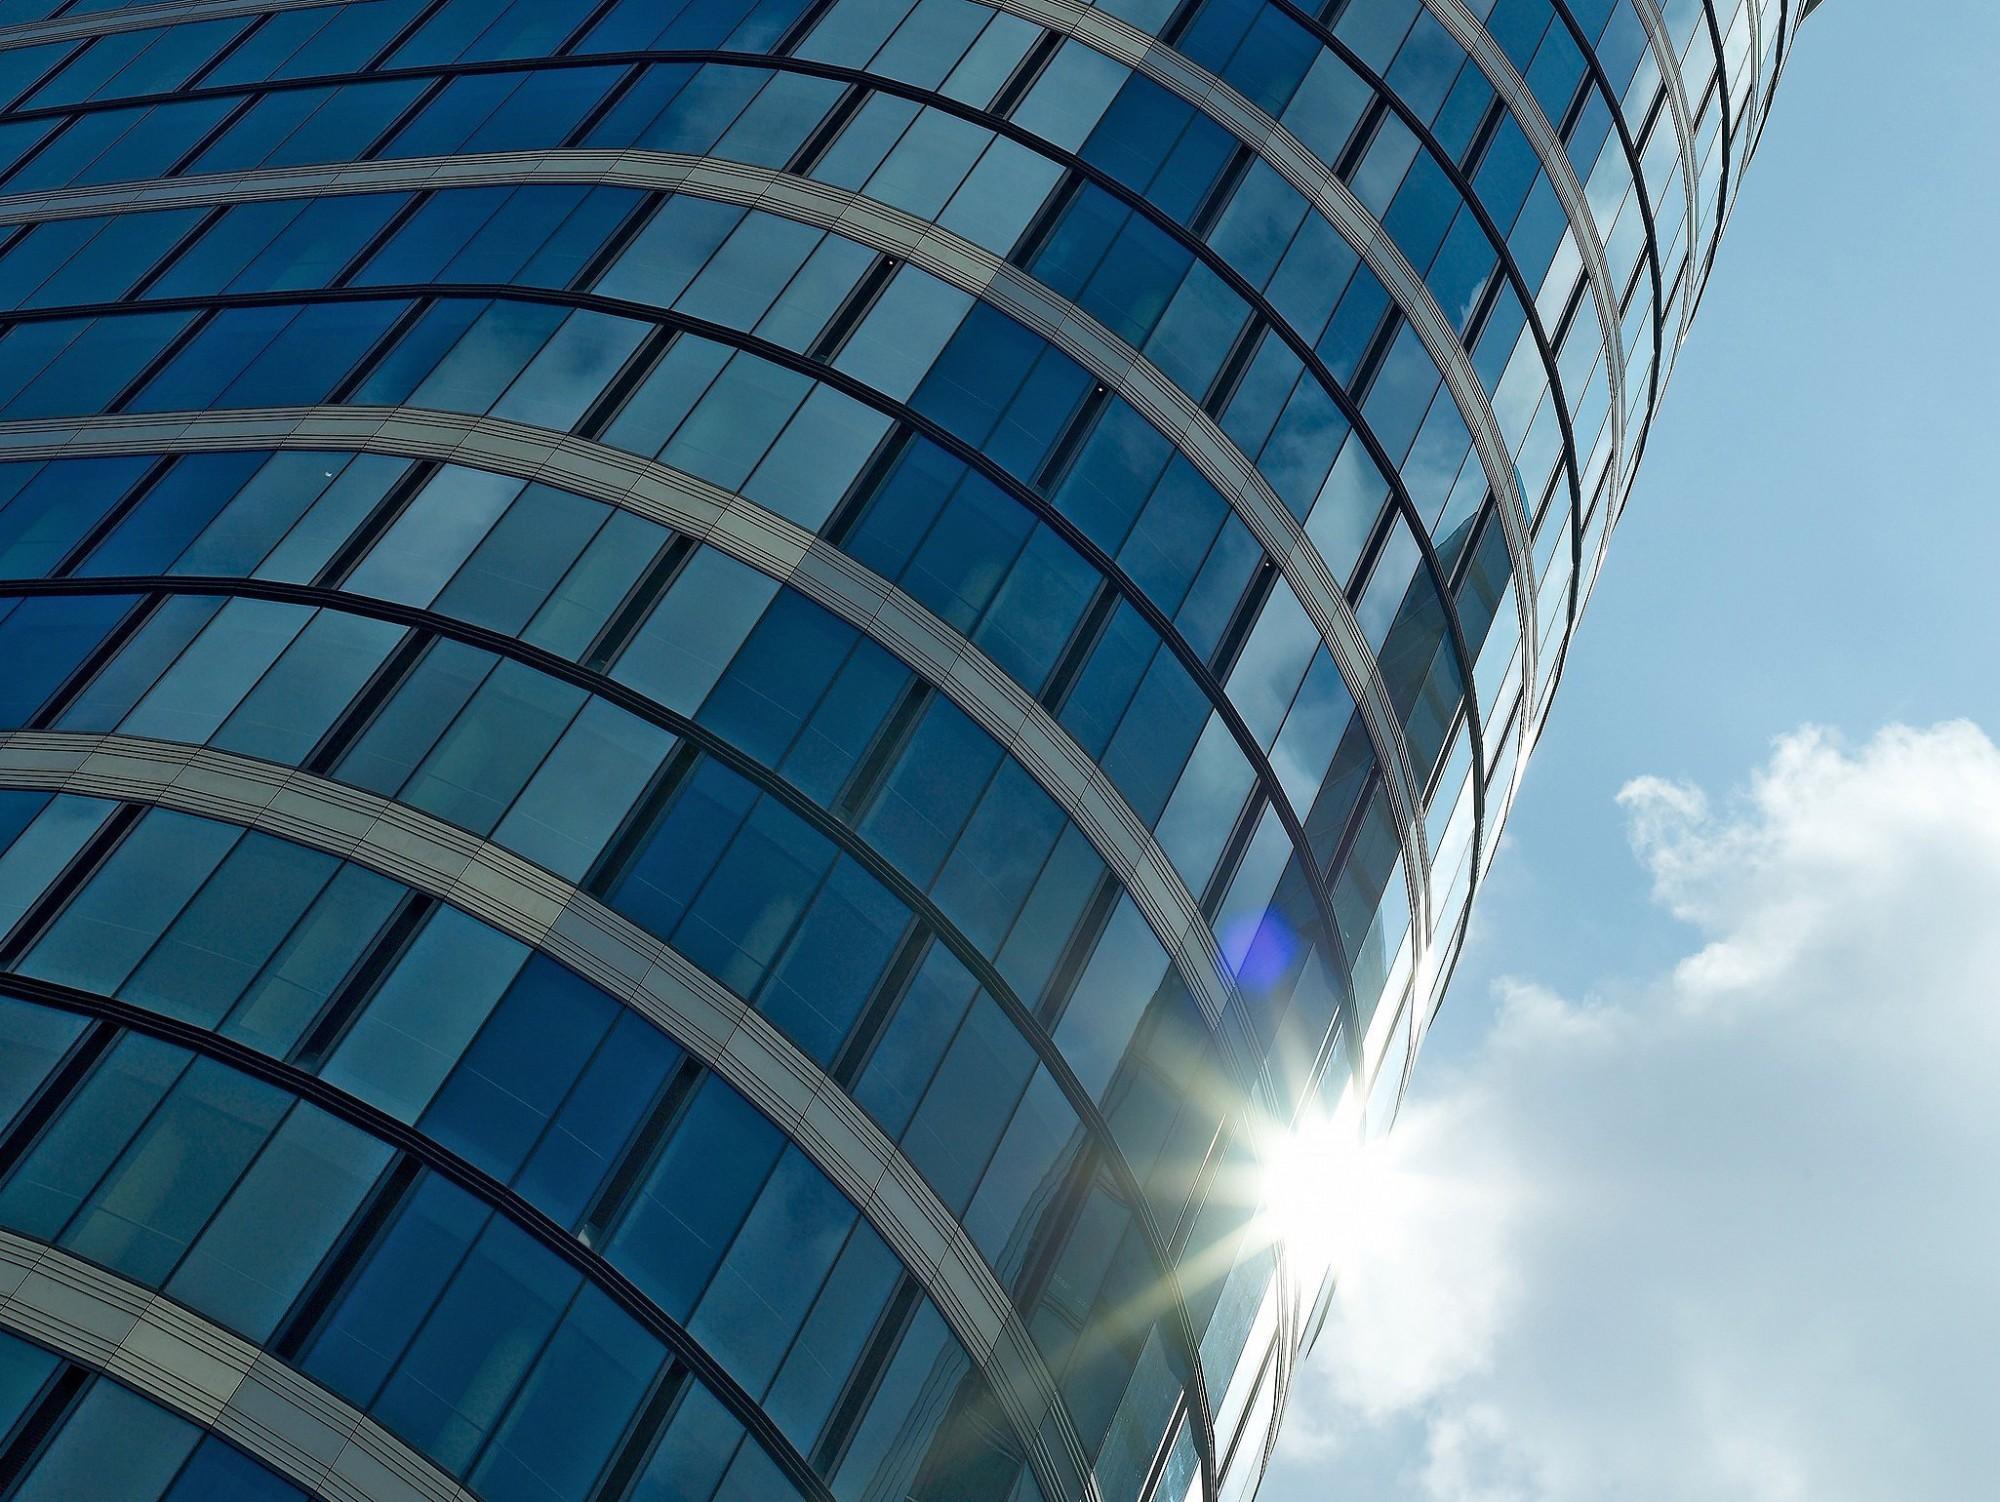 Afbeelding: Architectuurfotografie van bedrijfsgebouwen voor bouwbedrijven of projectontwikkelaars.